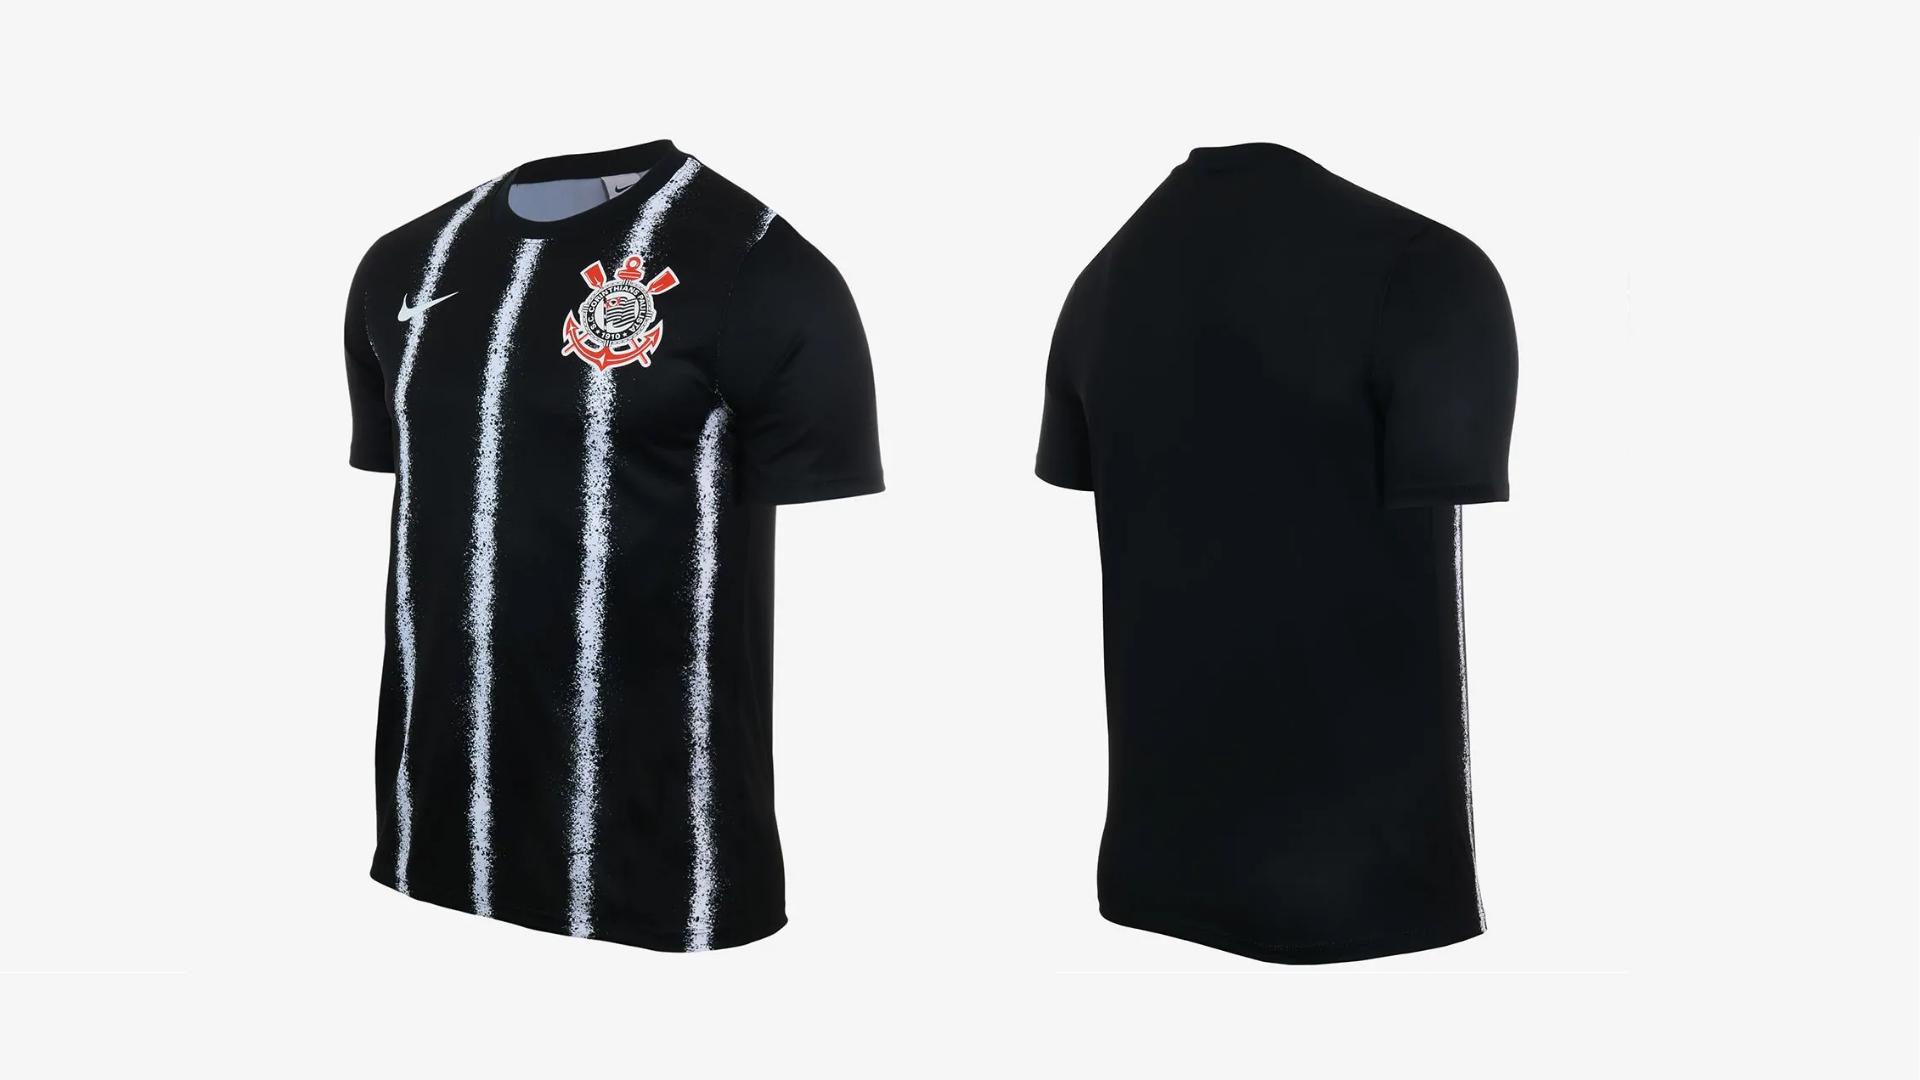 Camisa do Corinthians 2021 Nike Jogo 2 (Imagem: Divulgação/Nike)